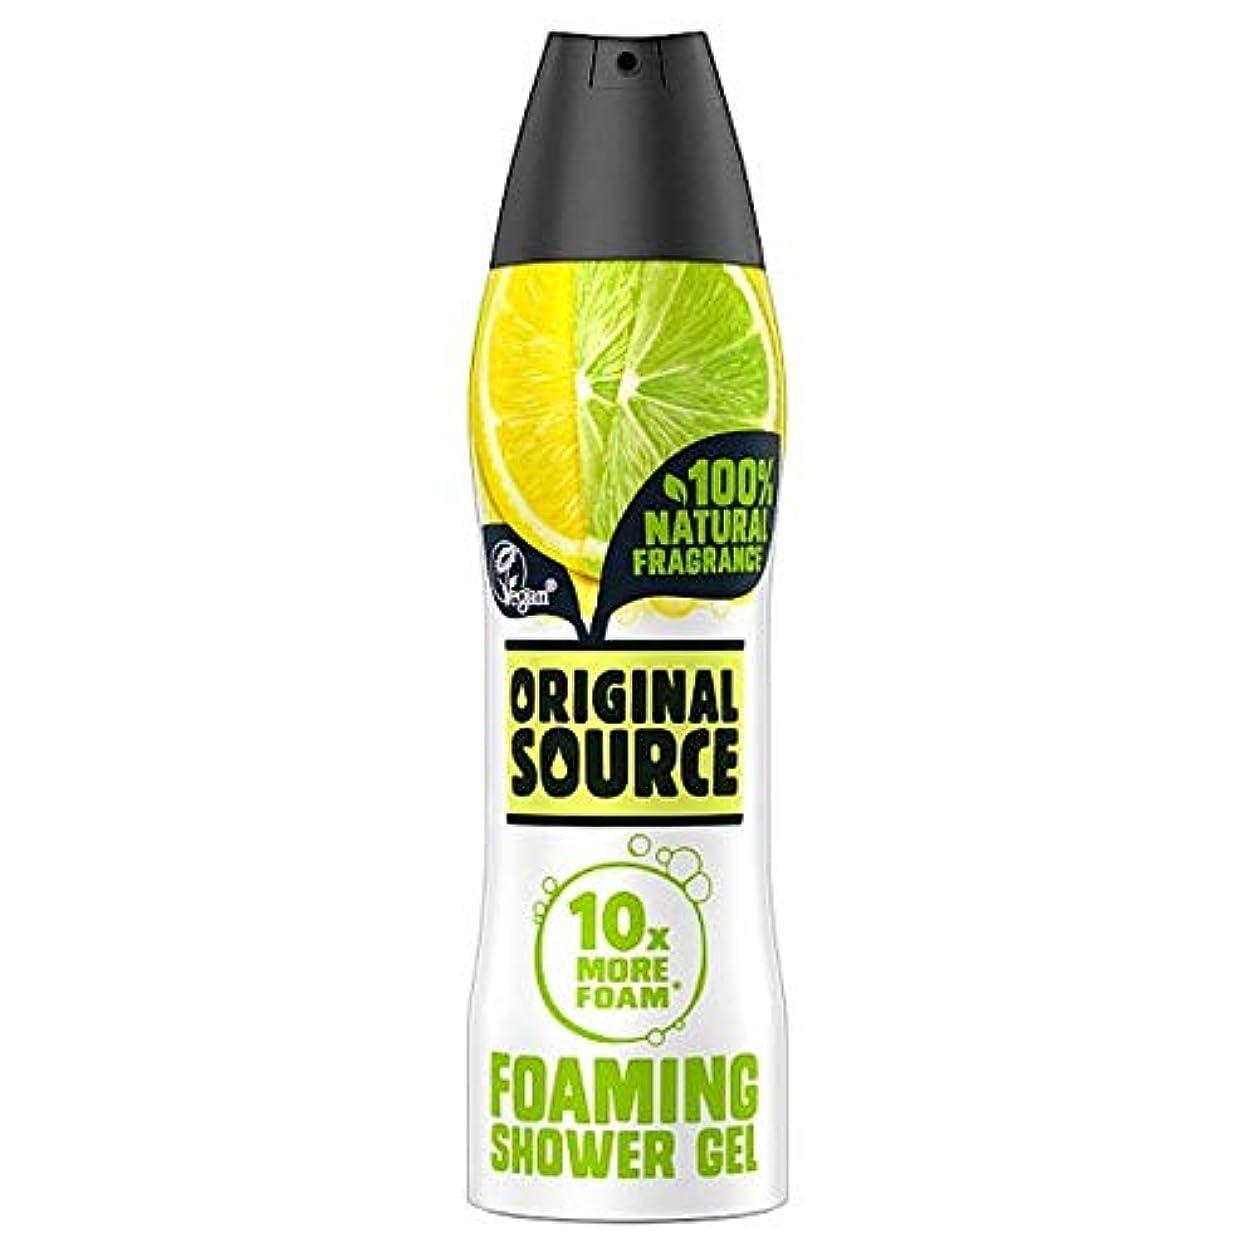 バー肥沃な生理[Original Source] 元のソースレモンとライムシャワージェル180ミリリットル - Original Source Lemon And Lime Shower Gel 180Ml [並行輸入品]